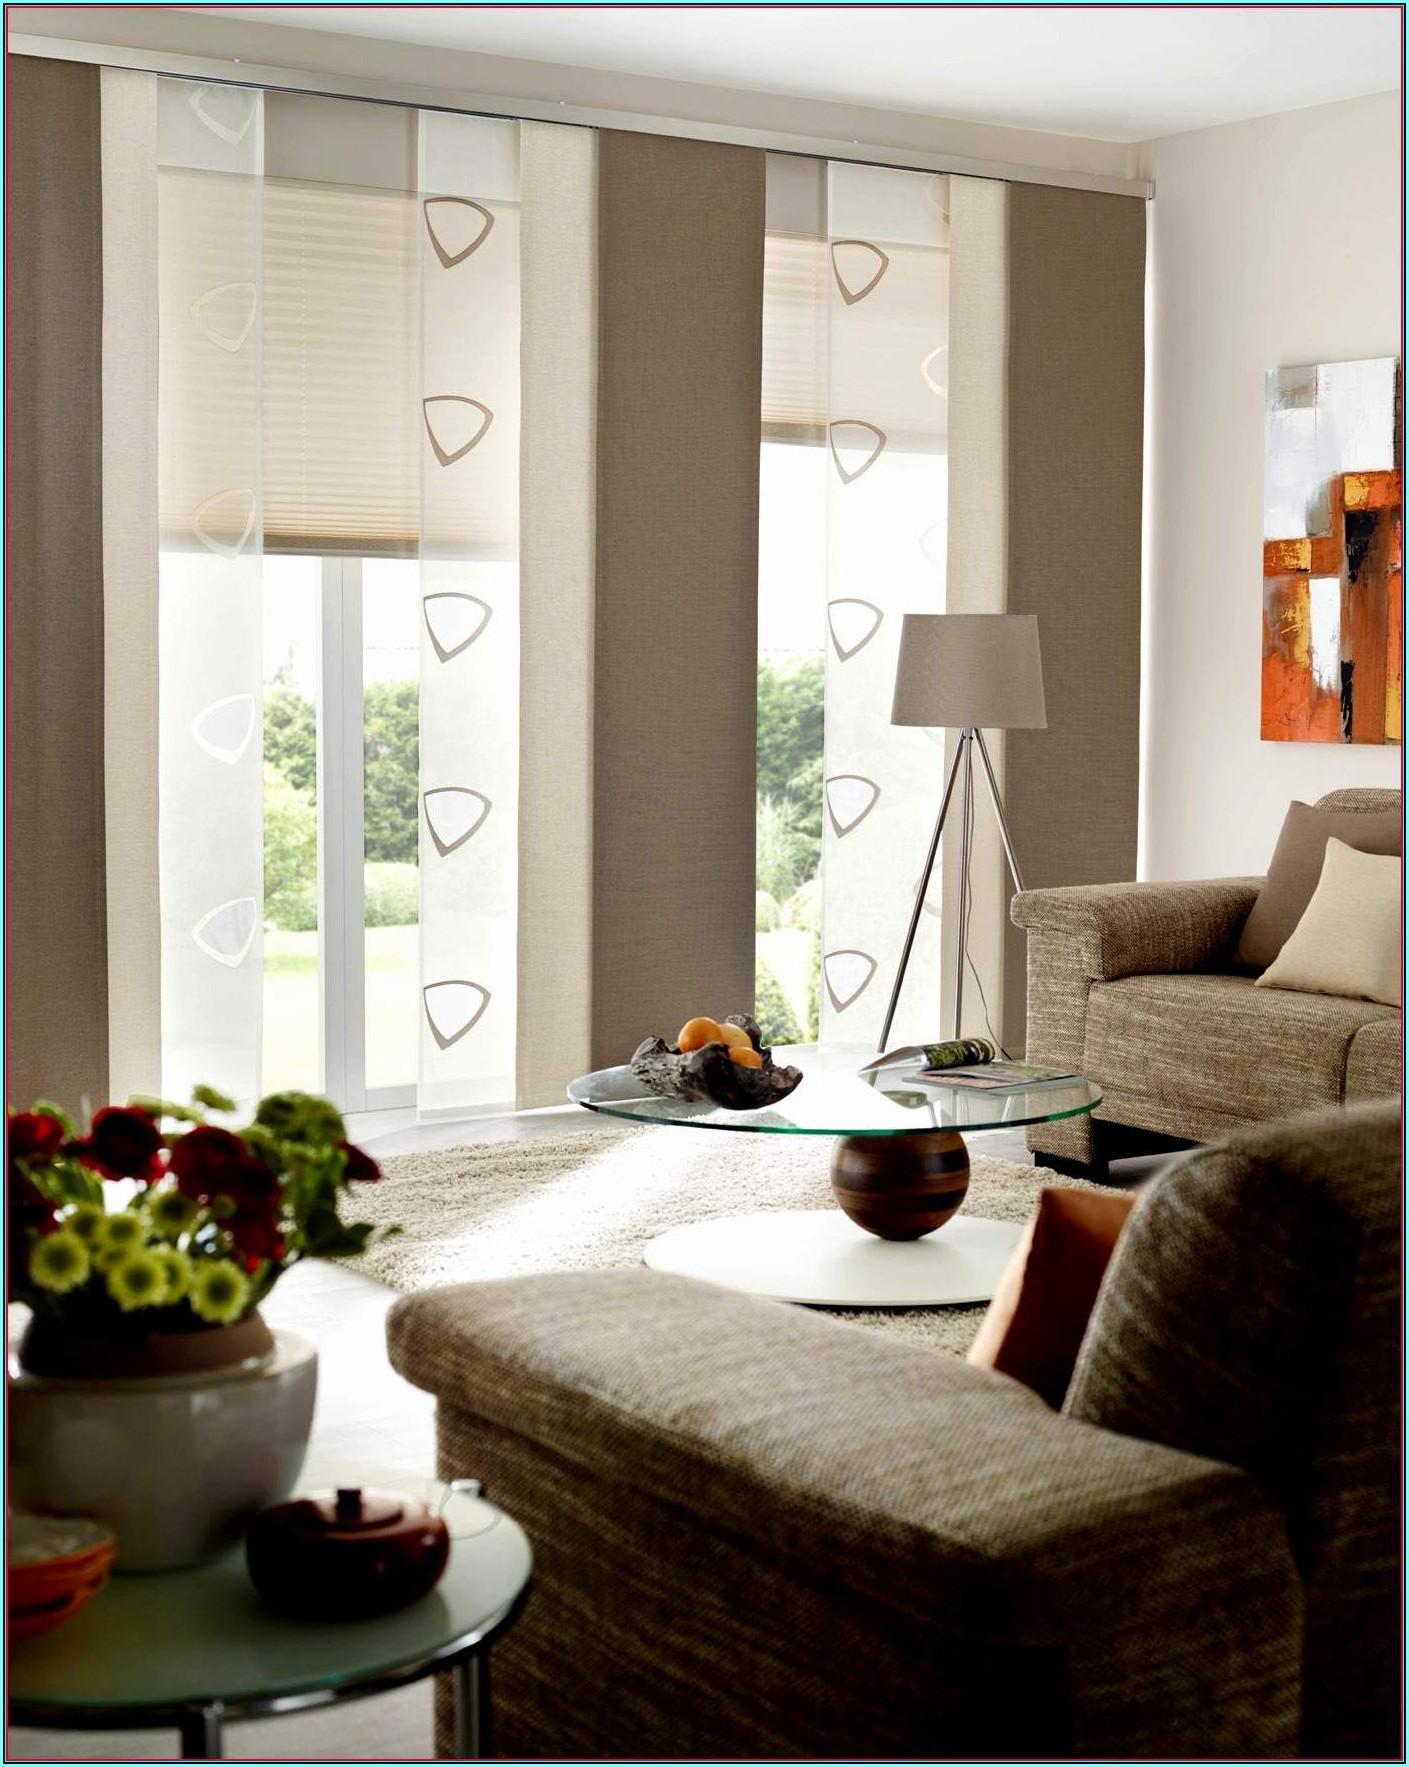 Wanddeko Ideen Wohnzimmer - wohnzimmer : House und Dekor ...